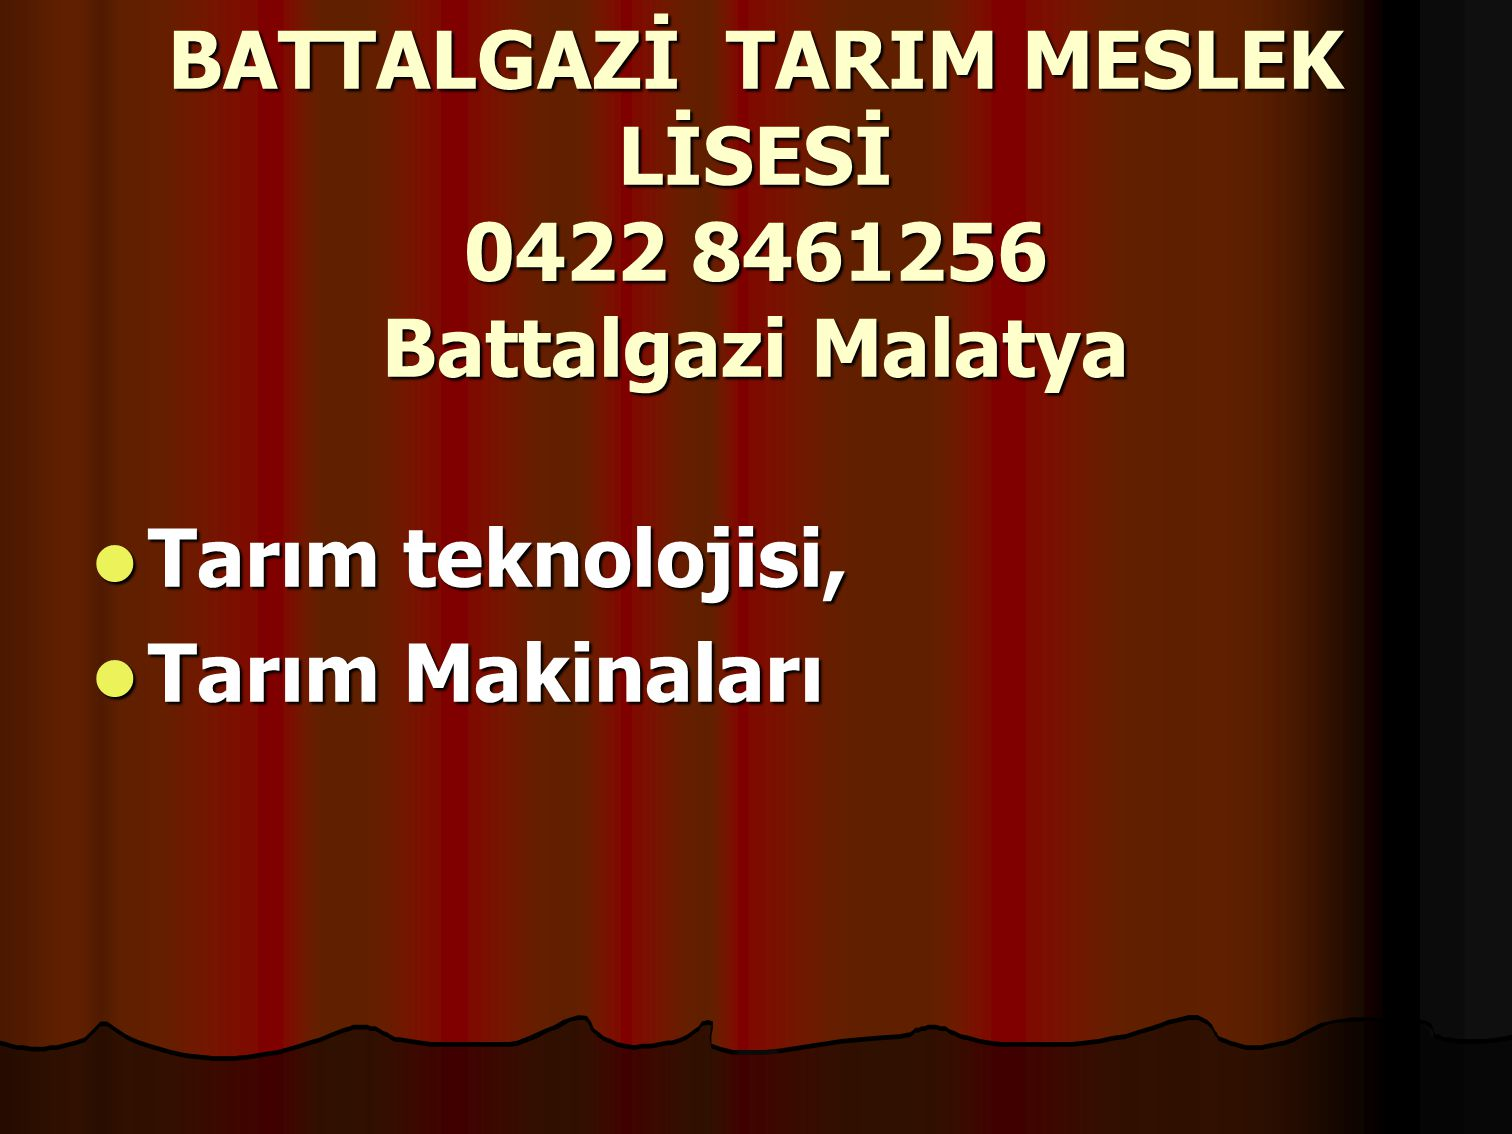 BATTALGAZİ TARIM MESLEK LİSESİ 0422 8461256 Battalgazi Malatya